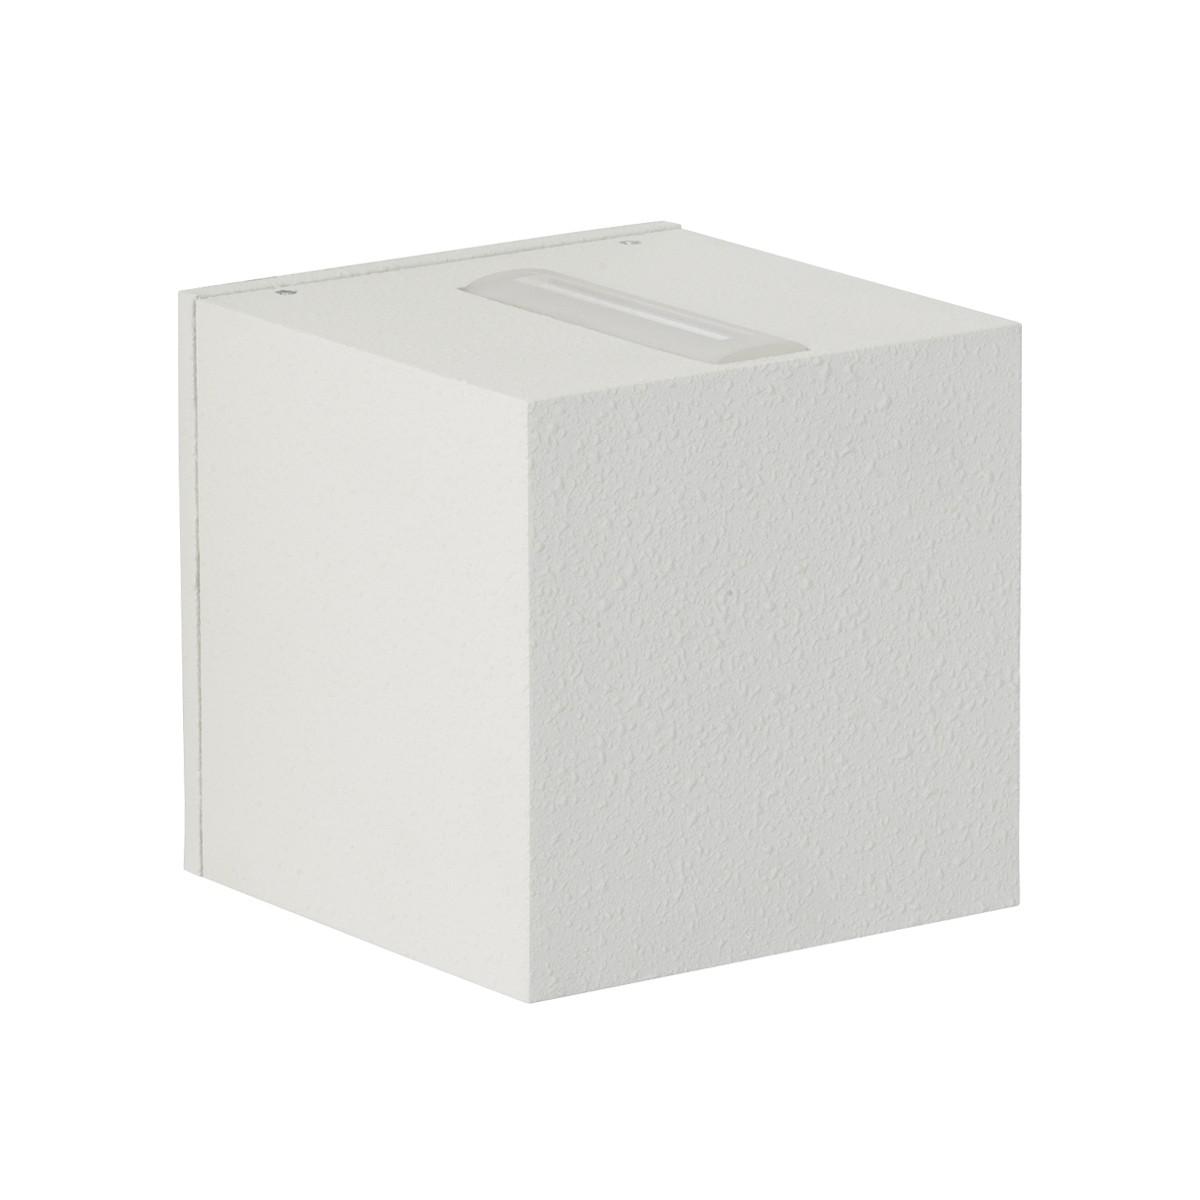 Albert 2371 Wandstrahler, eng/breit, weiß